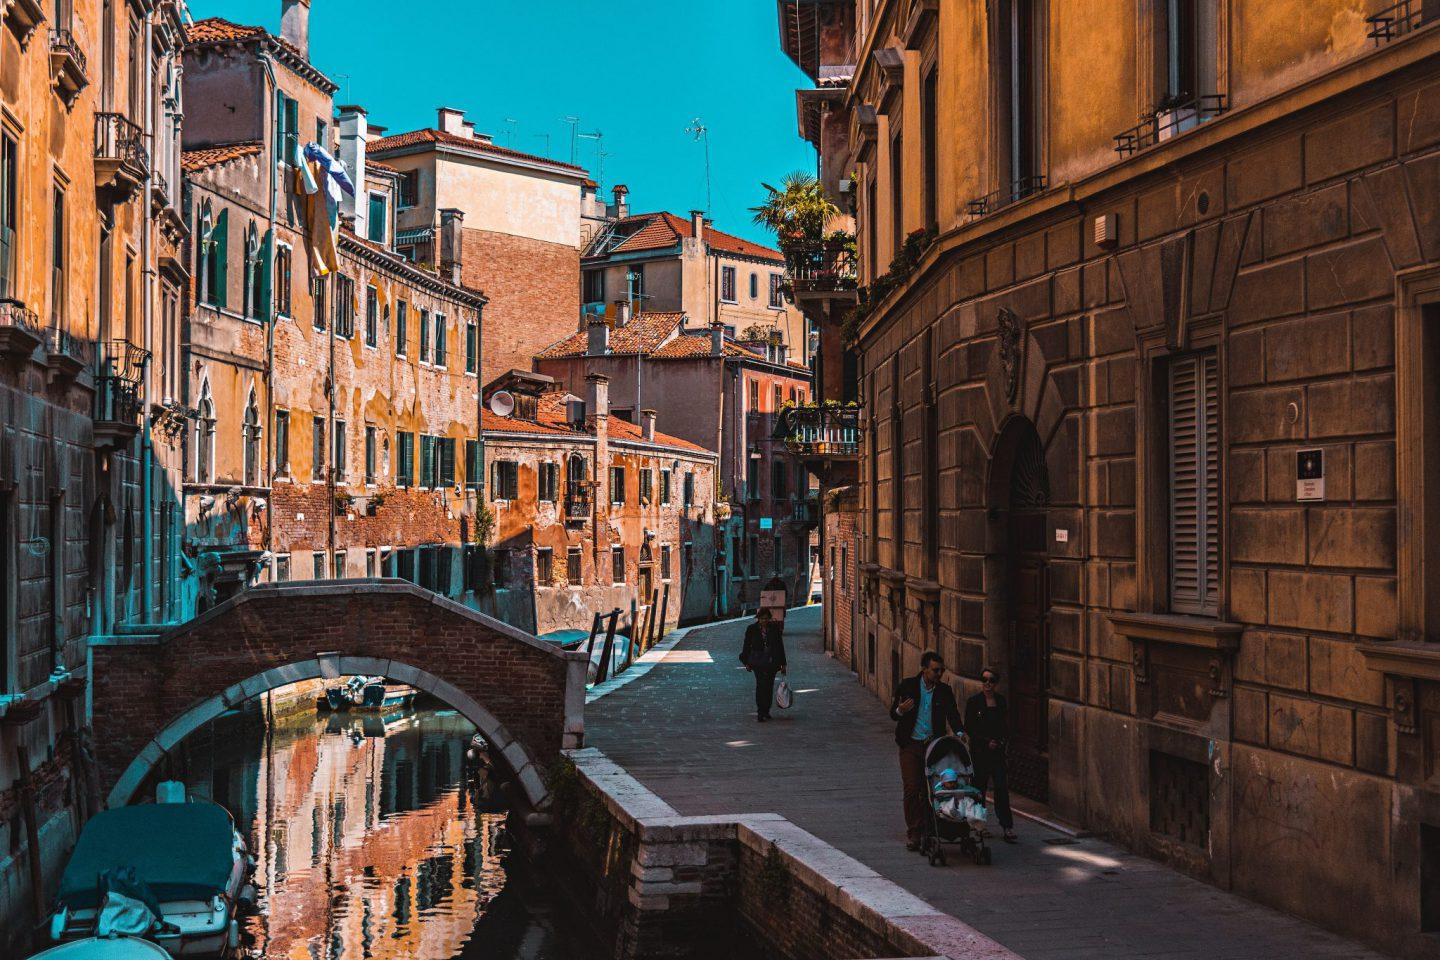 Lost In Venice